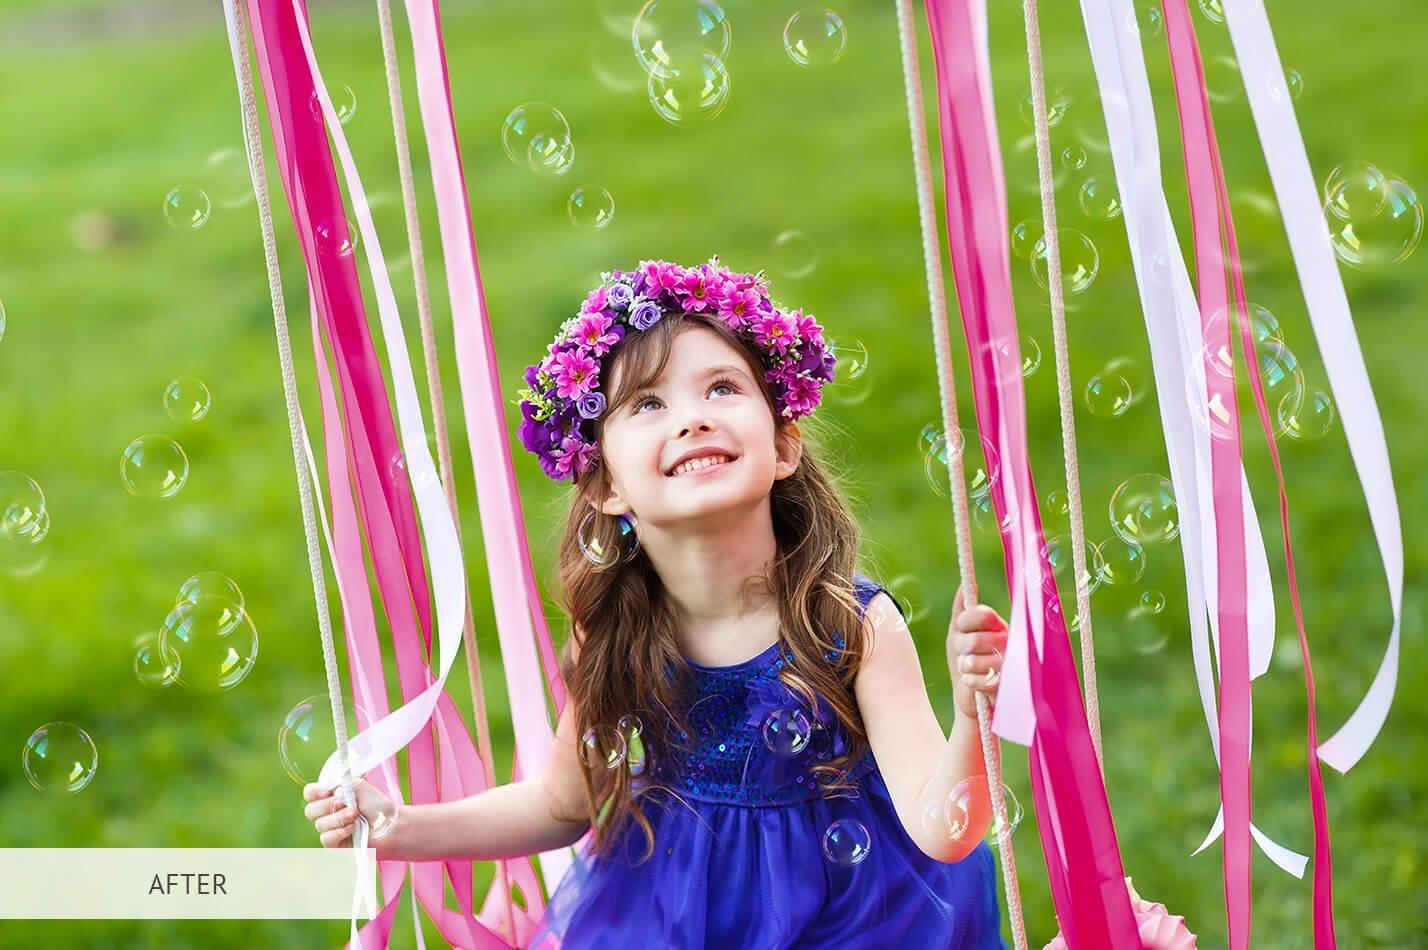 20个高清气泡PS图层叠加背景图片素材 Bubbles Overlays Photoshop插图(9)